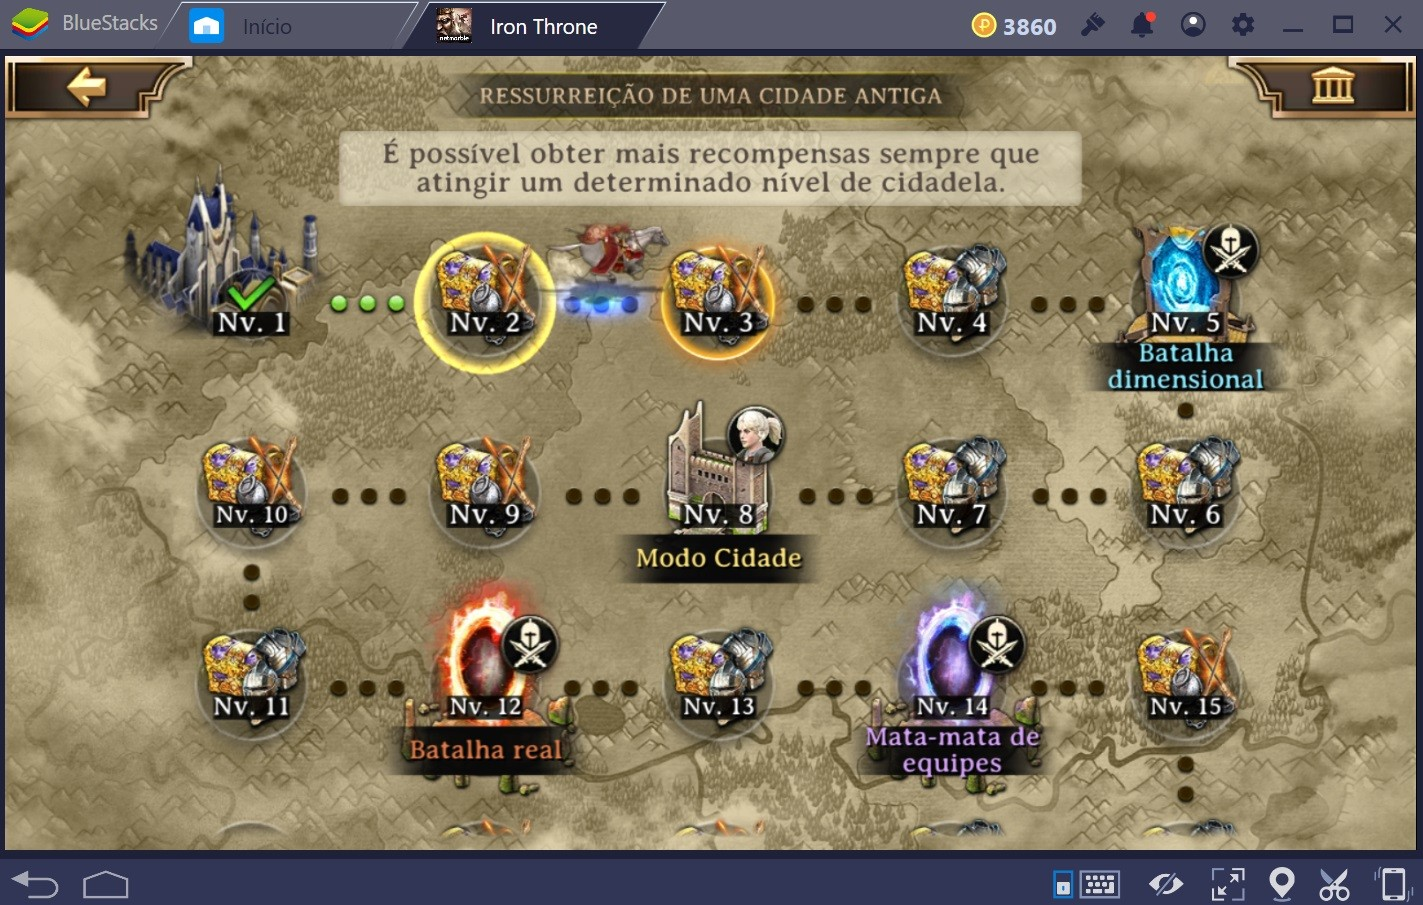 Guia de modos de jogo e batalha para Iron Throne